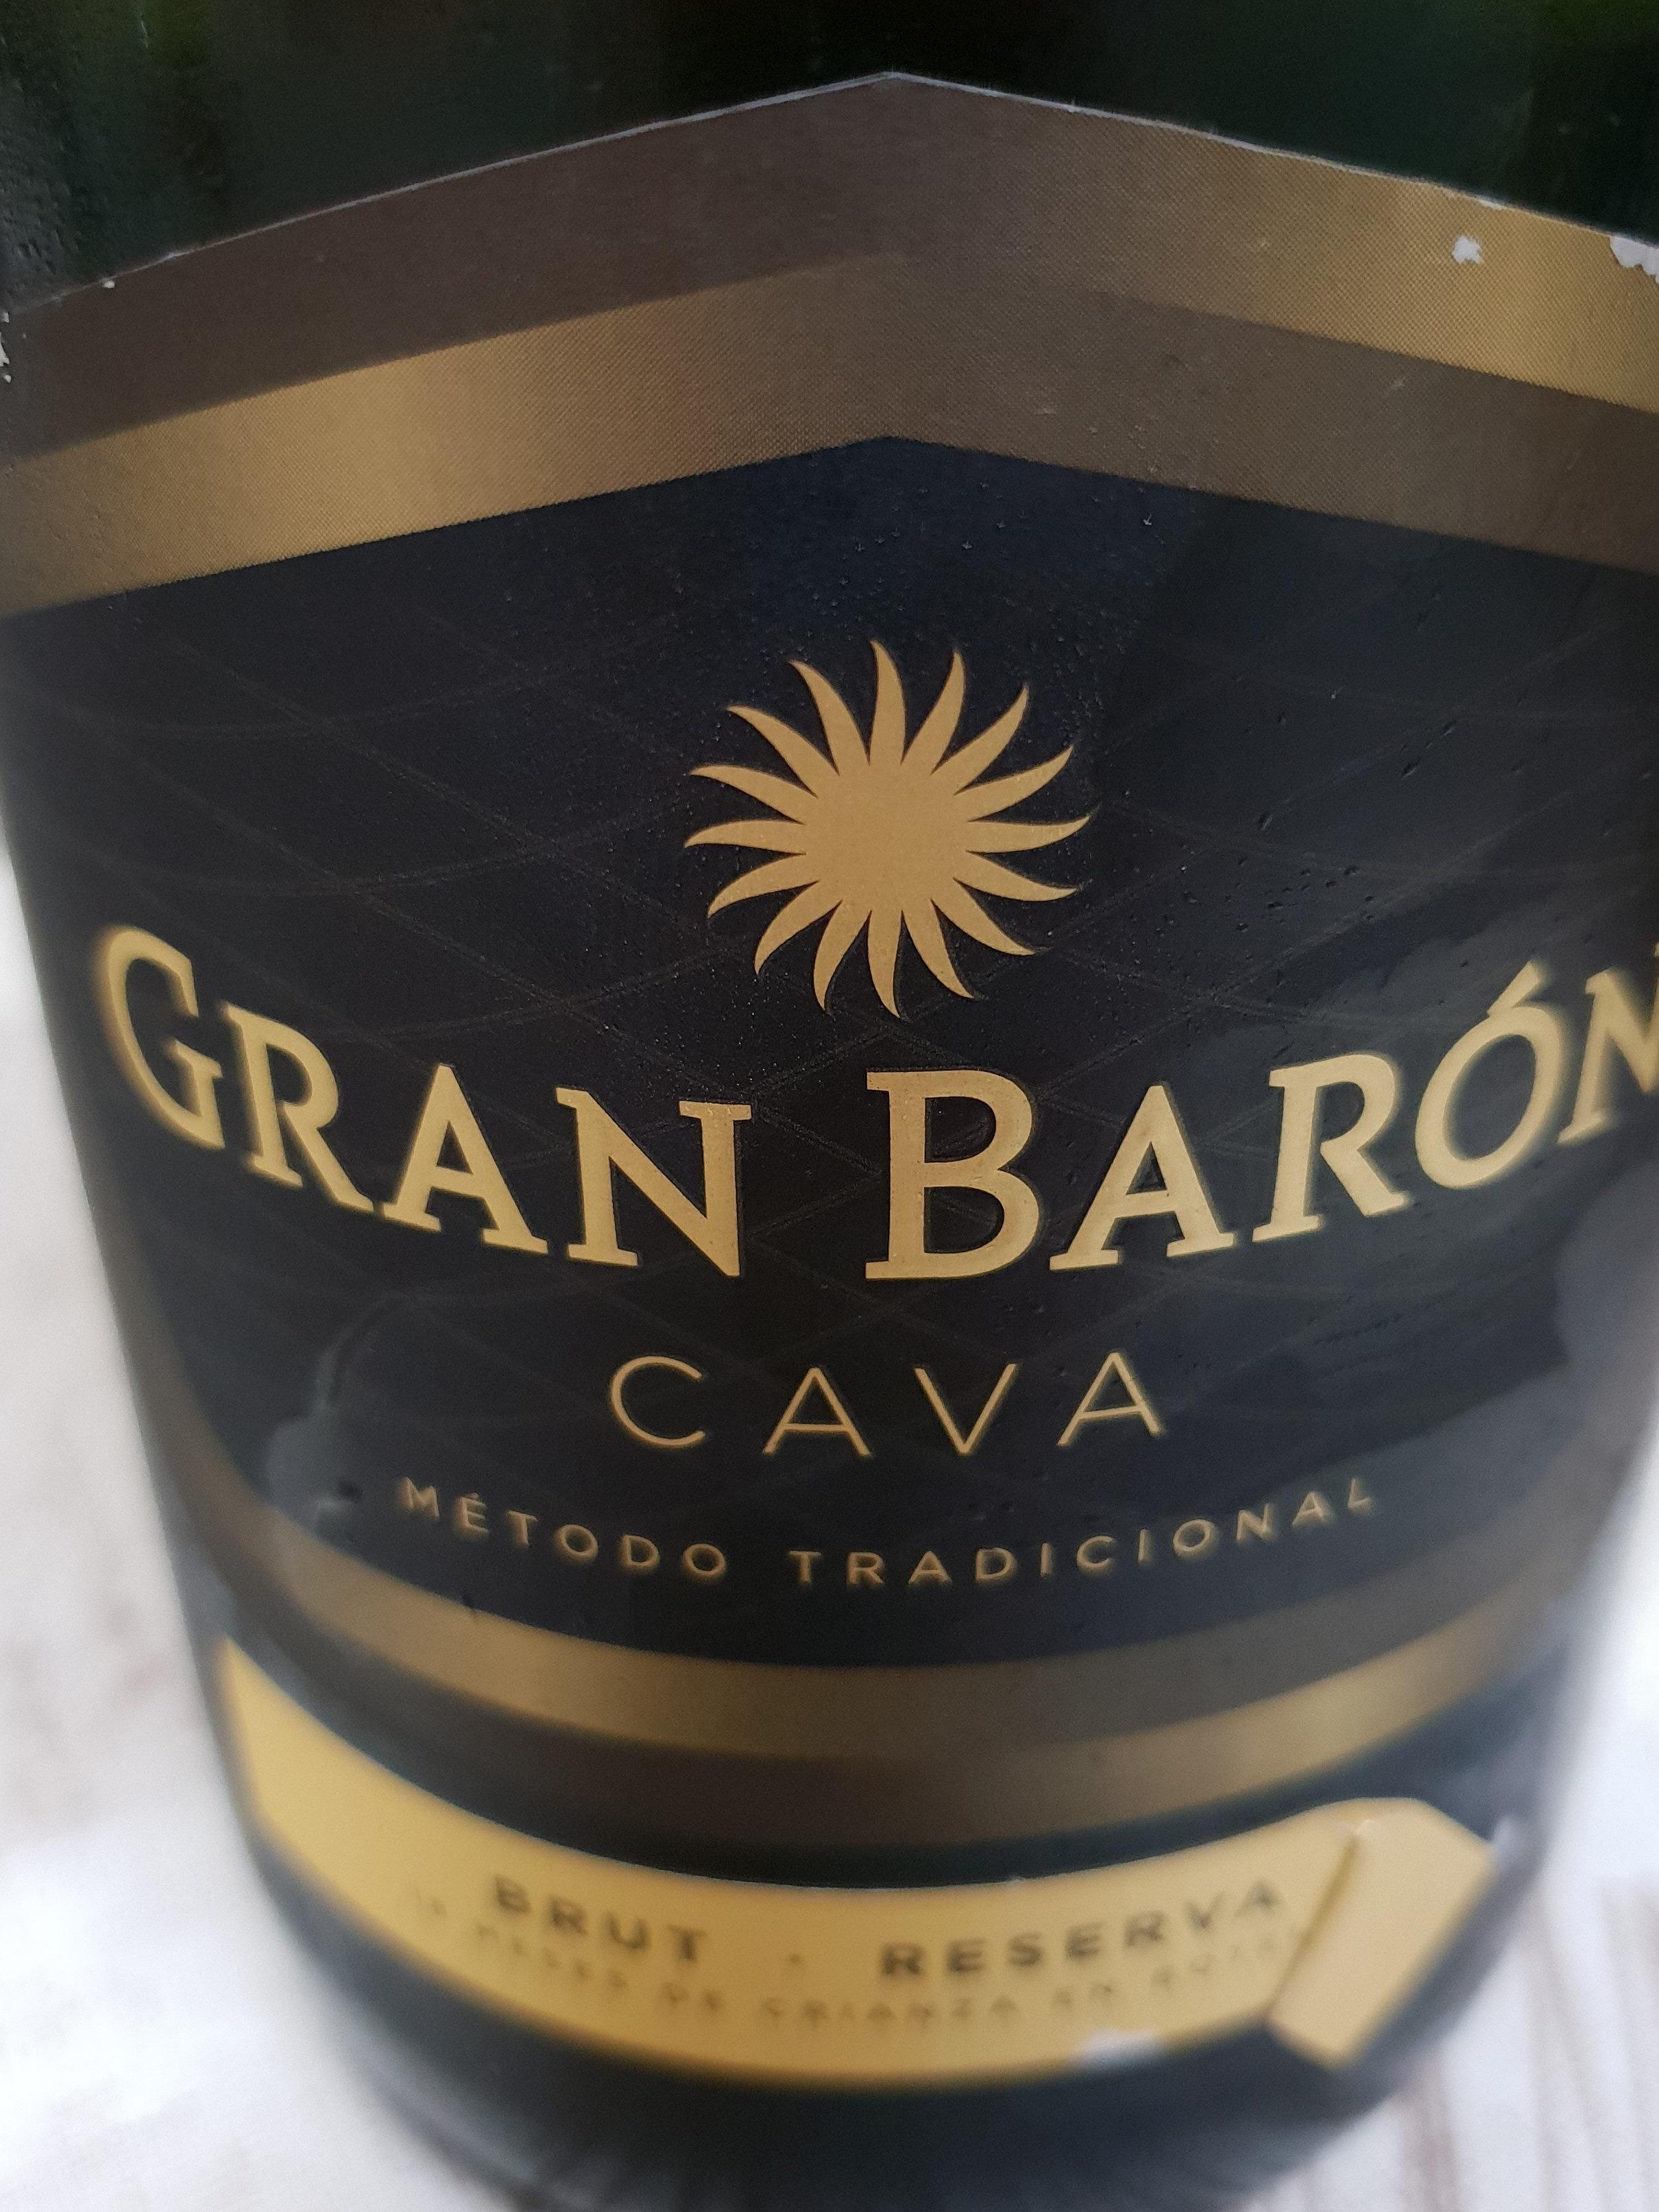 Gran Baron Cava - Product